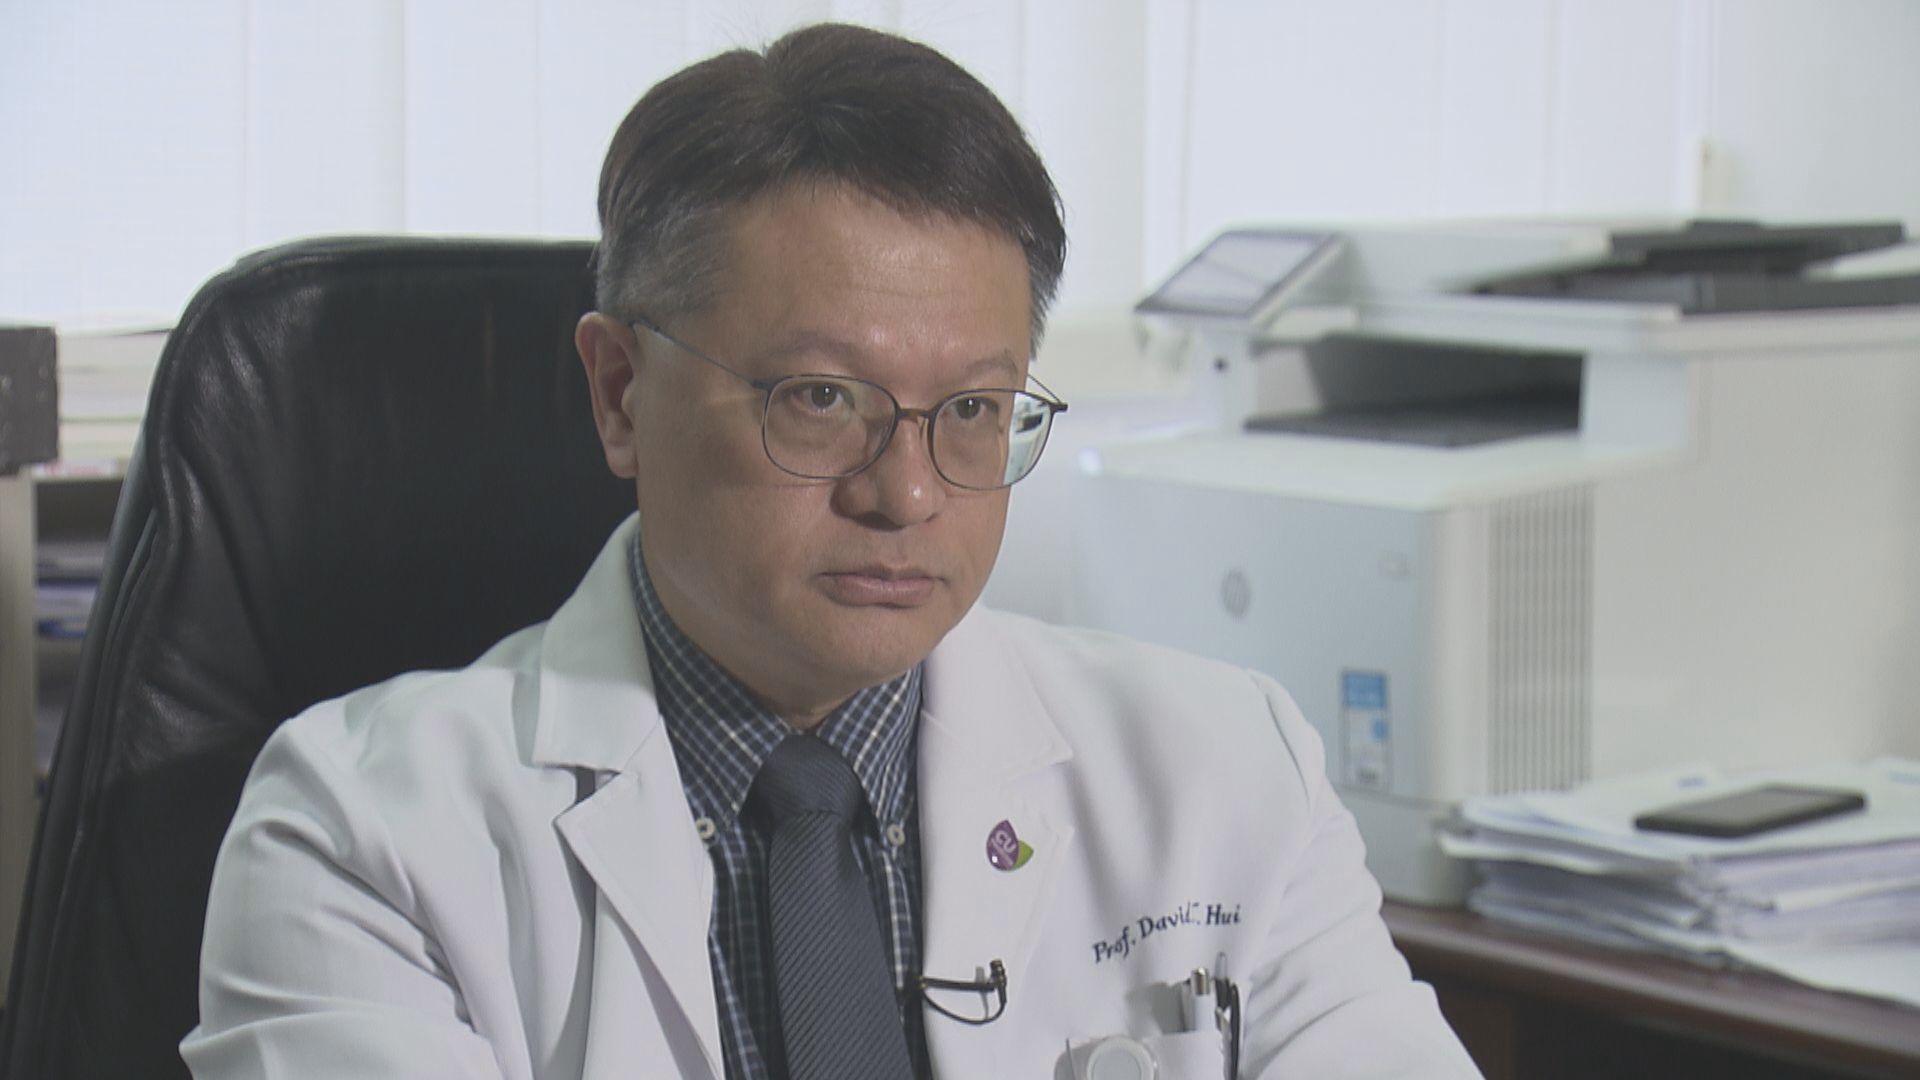 報道指科興新冠疫苗延至一月公布臨床試驗結果 許樹昌料影響疫苗抵港時間